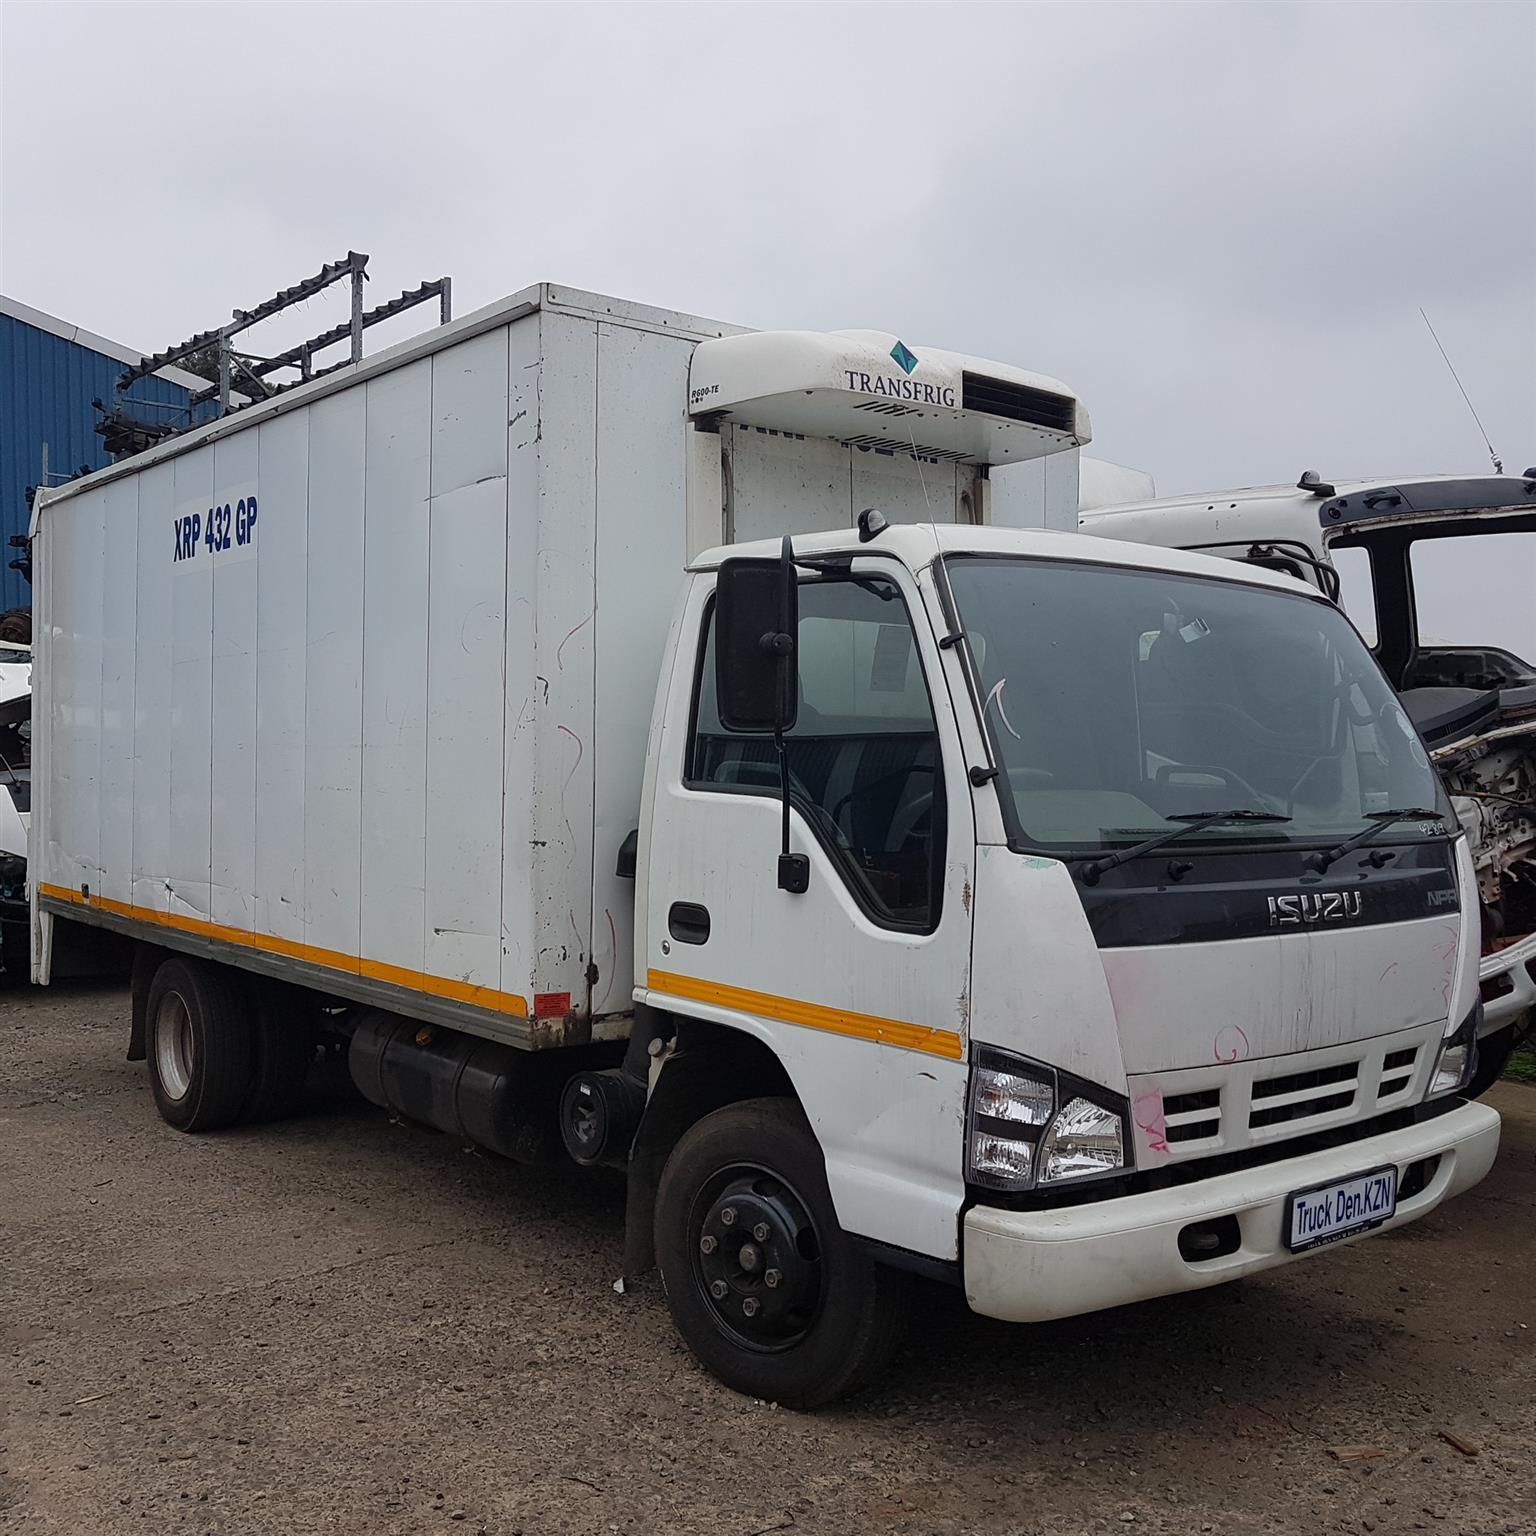 2008 Isuzu NQR 500 Truck - Sitec . 4HK1 Ti Engine